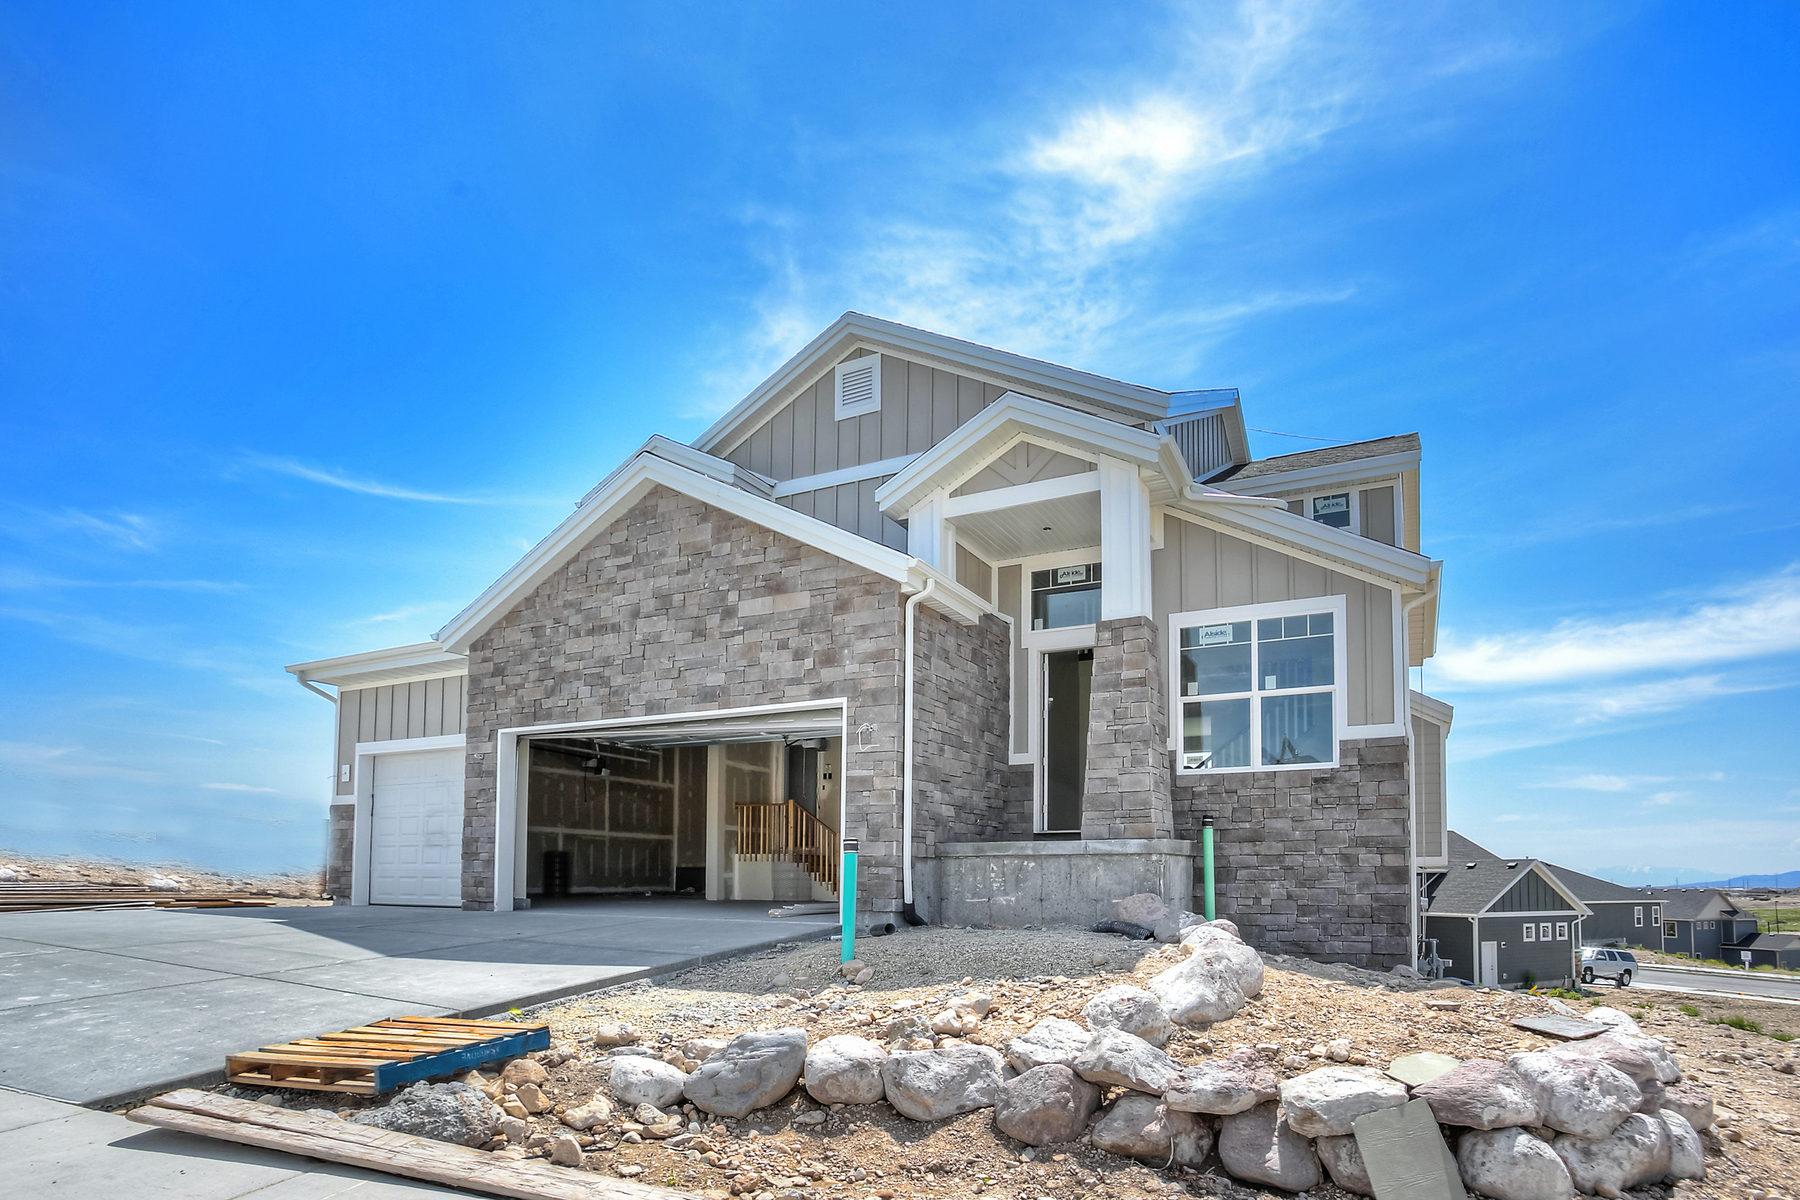 Casa Unifamiliar por un Venta en New Construction in Maple Hills 6461 W Chan Reeses Dr # 1021 West Jordan, Utah 84081 Estados Unidos